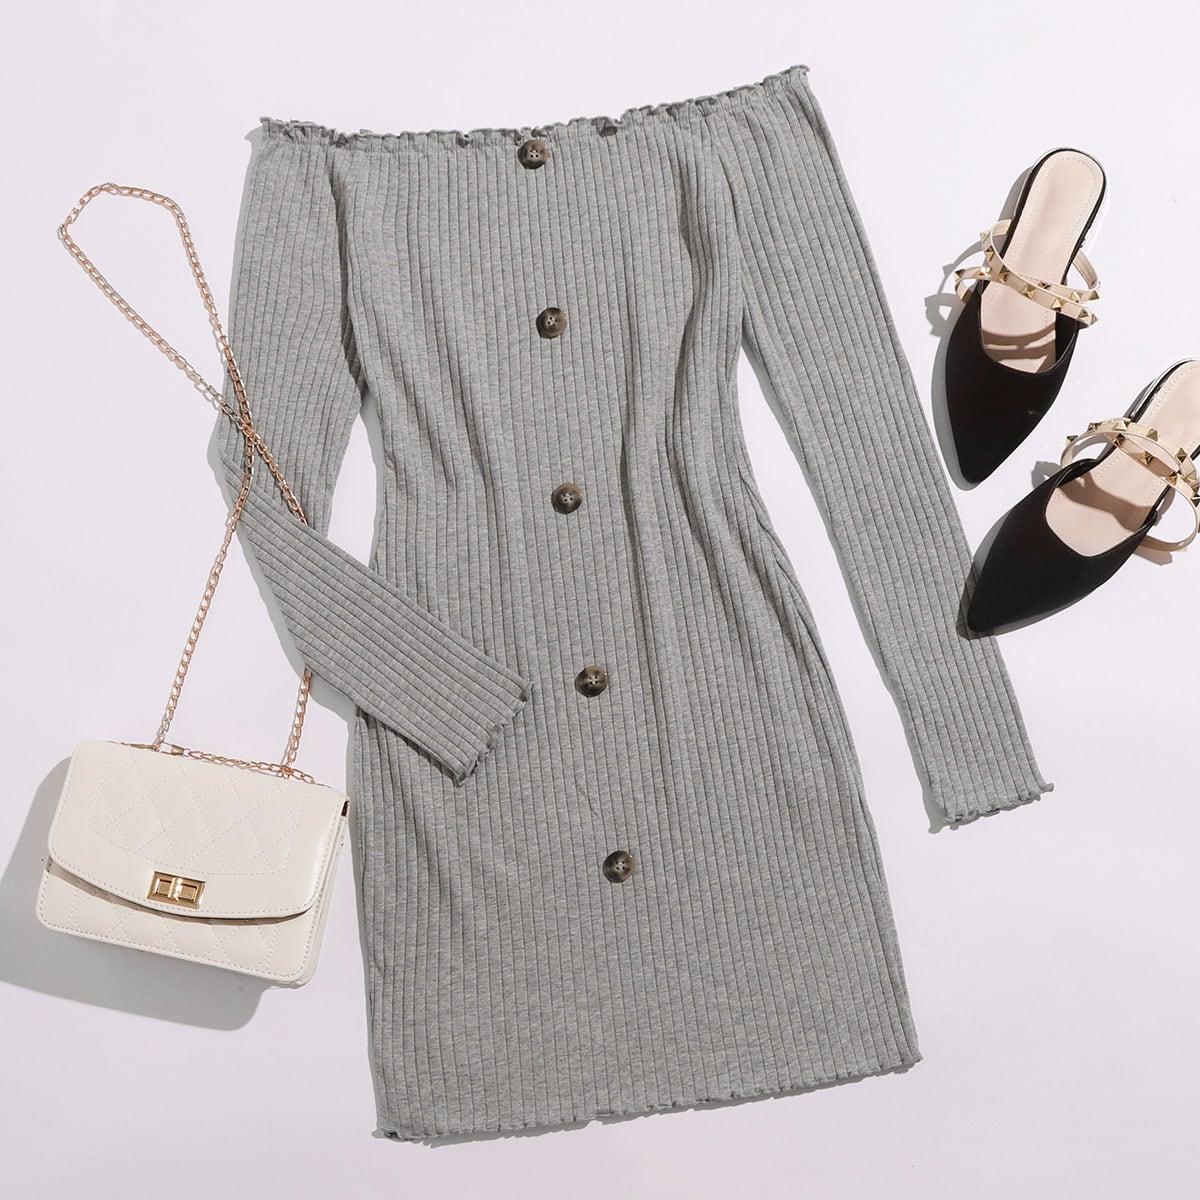 Schulterfreies figurbetontes Strick Kleid mit Knöpfen vorn